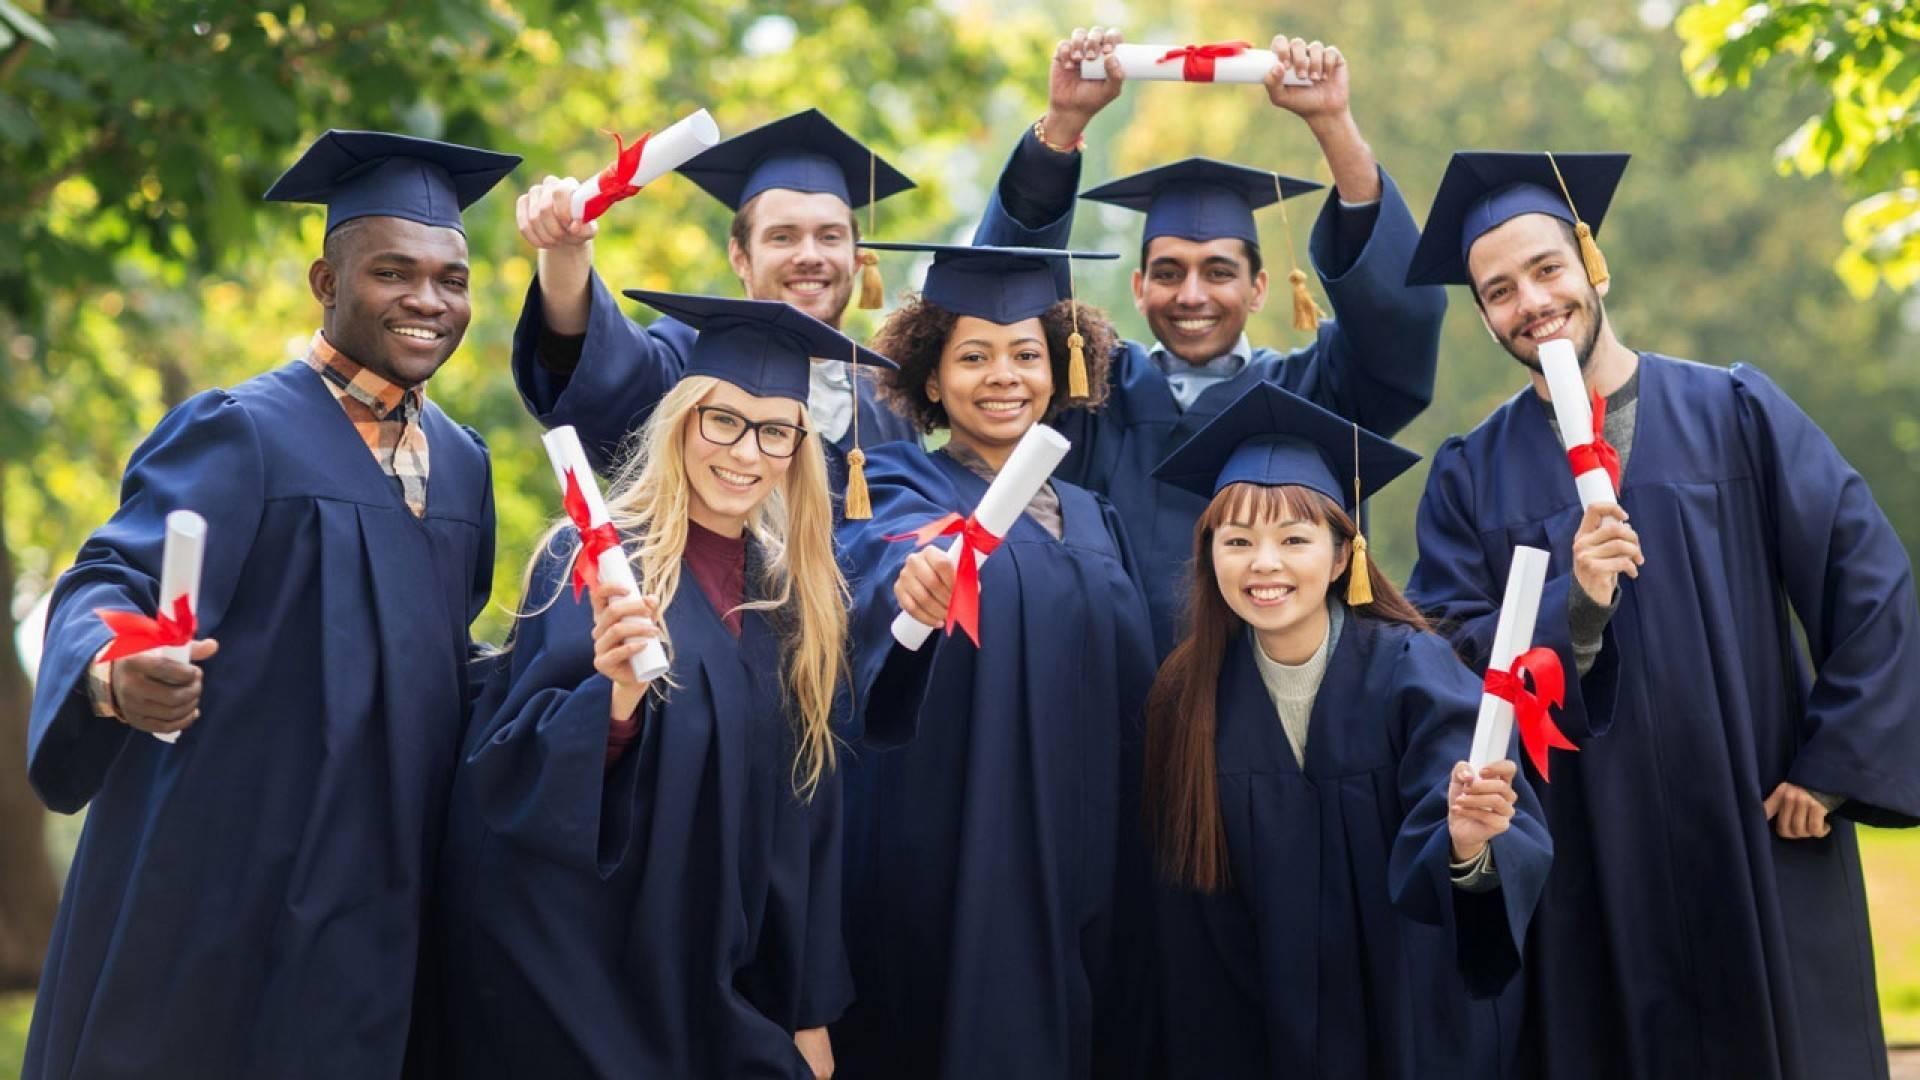 Как получить стипендию или грант на обучение в Германии в 2021 году